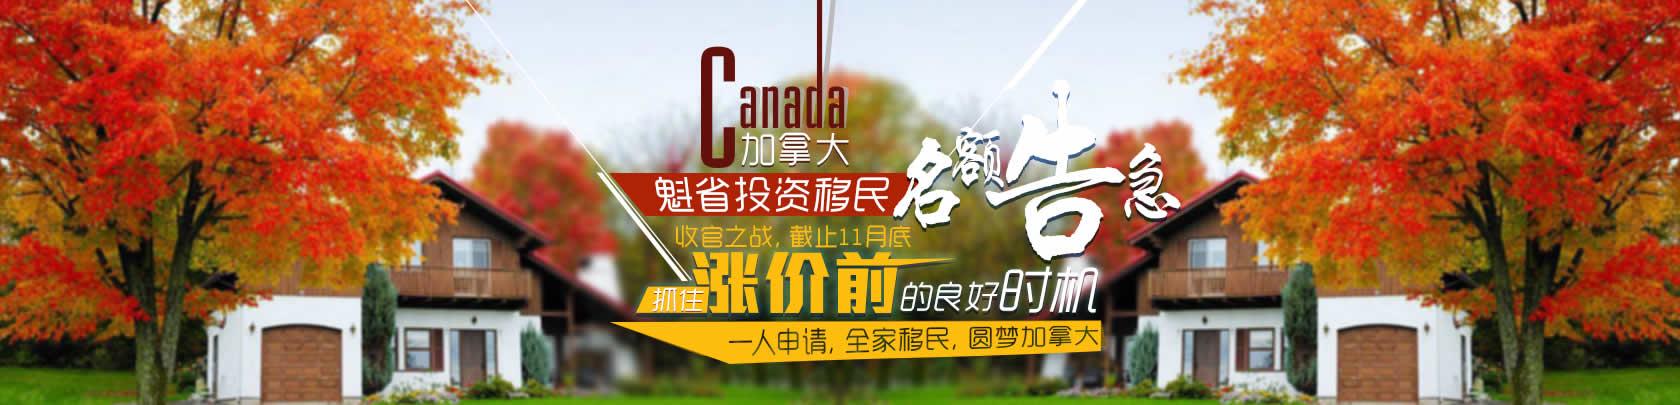 【通知】11月底涨价前加拿大魁省投资移民名额告急,一人申请全家移民,梦圆加拿大